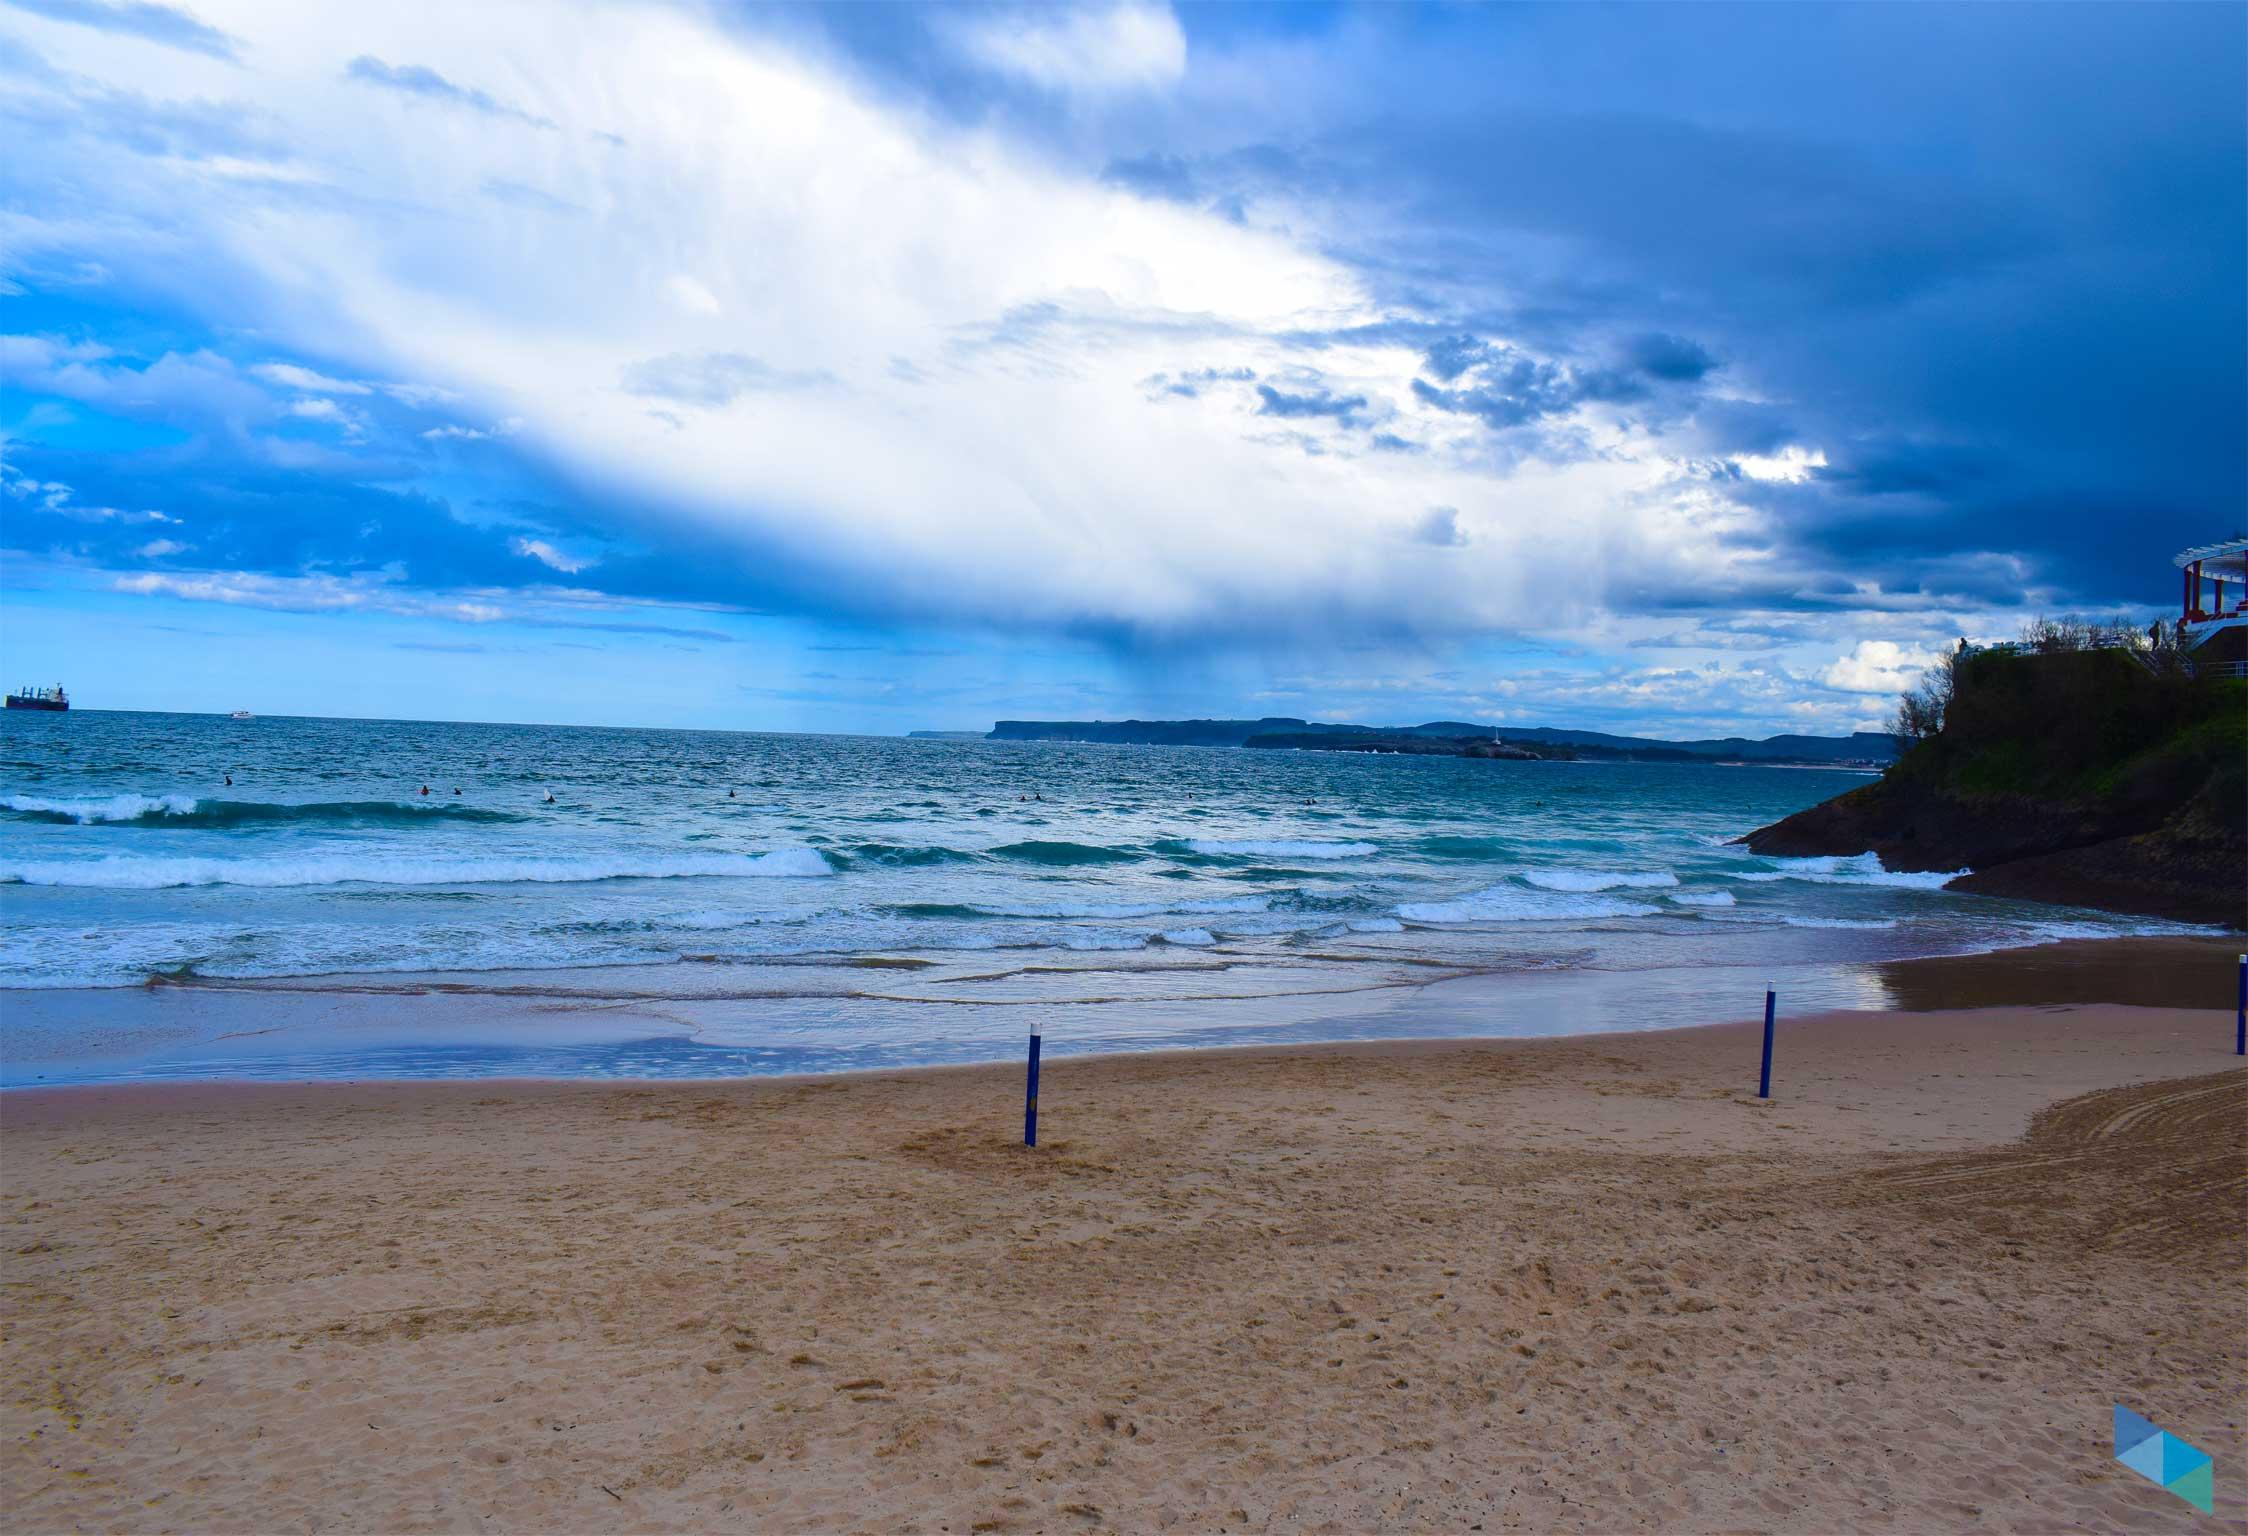 Segunda playa del Sardinero hacia los Jardines de Piquio